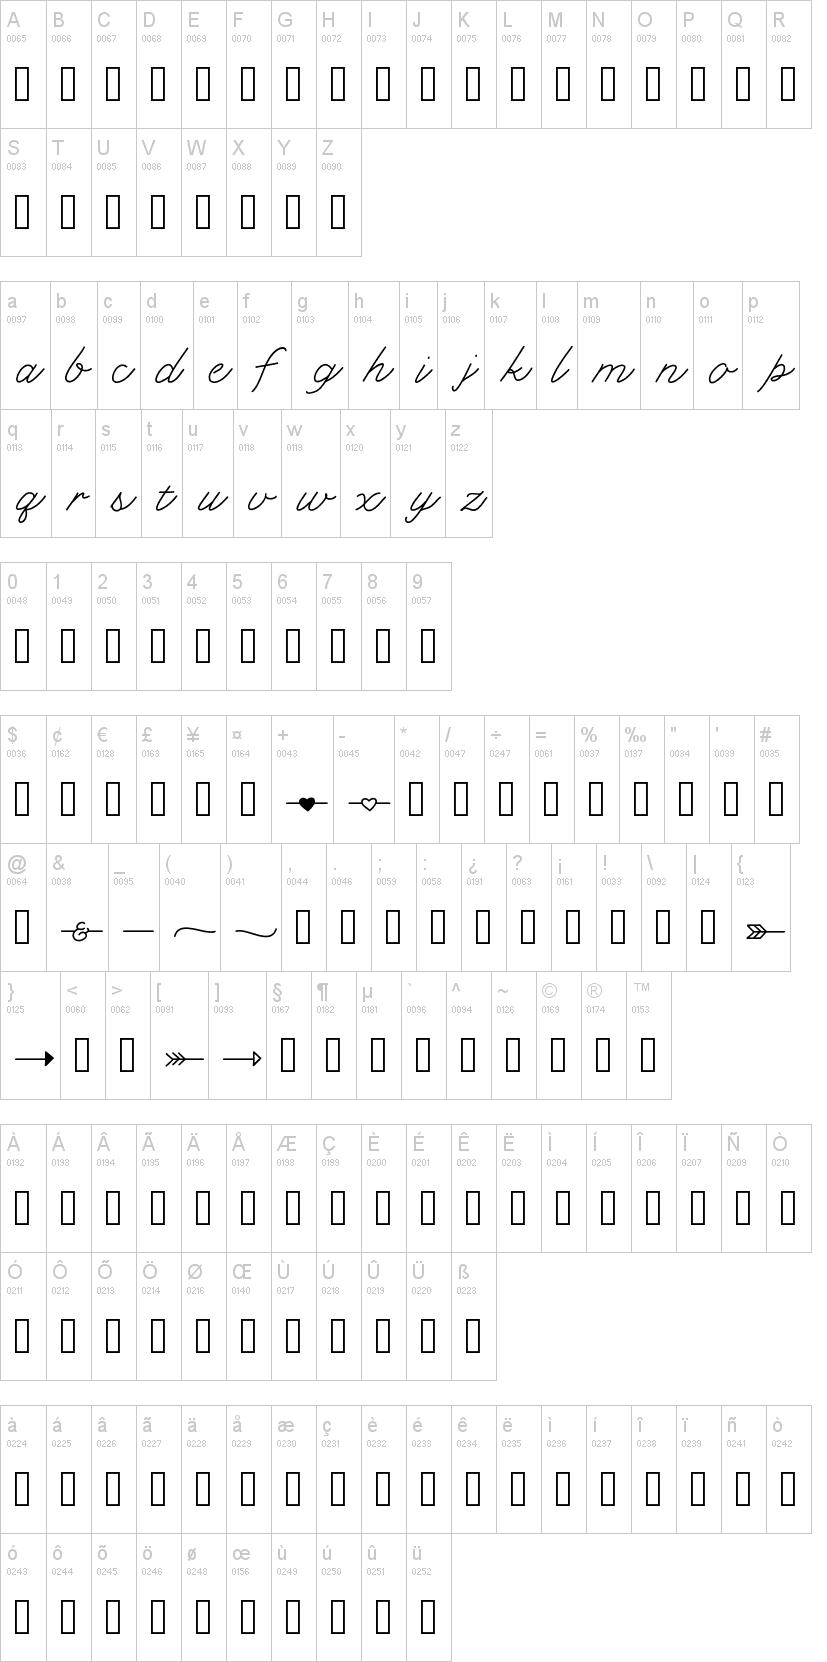 KL Cupid Font-1